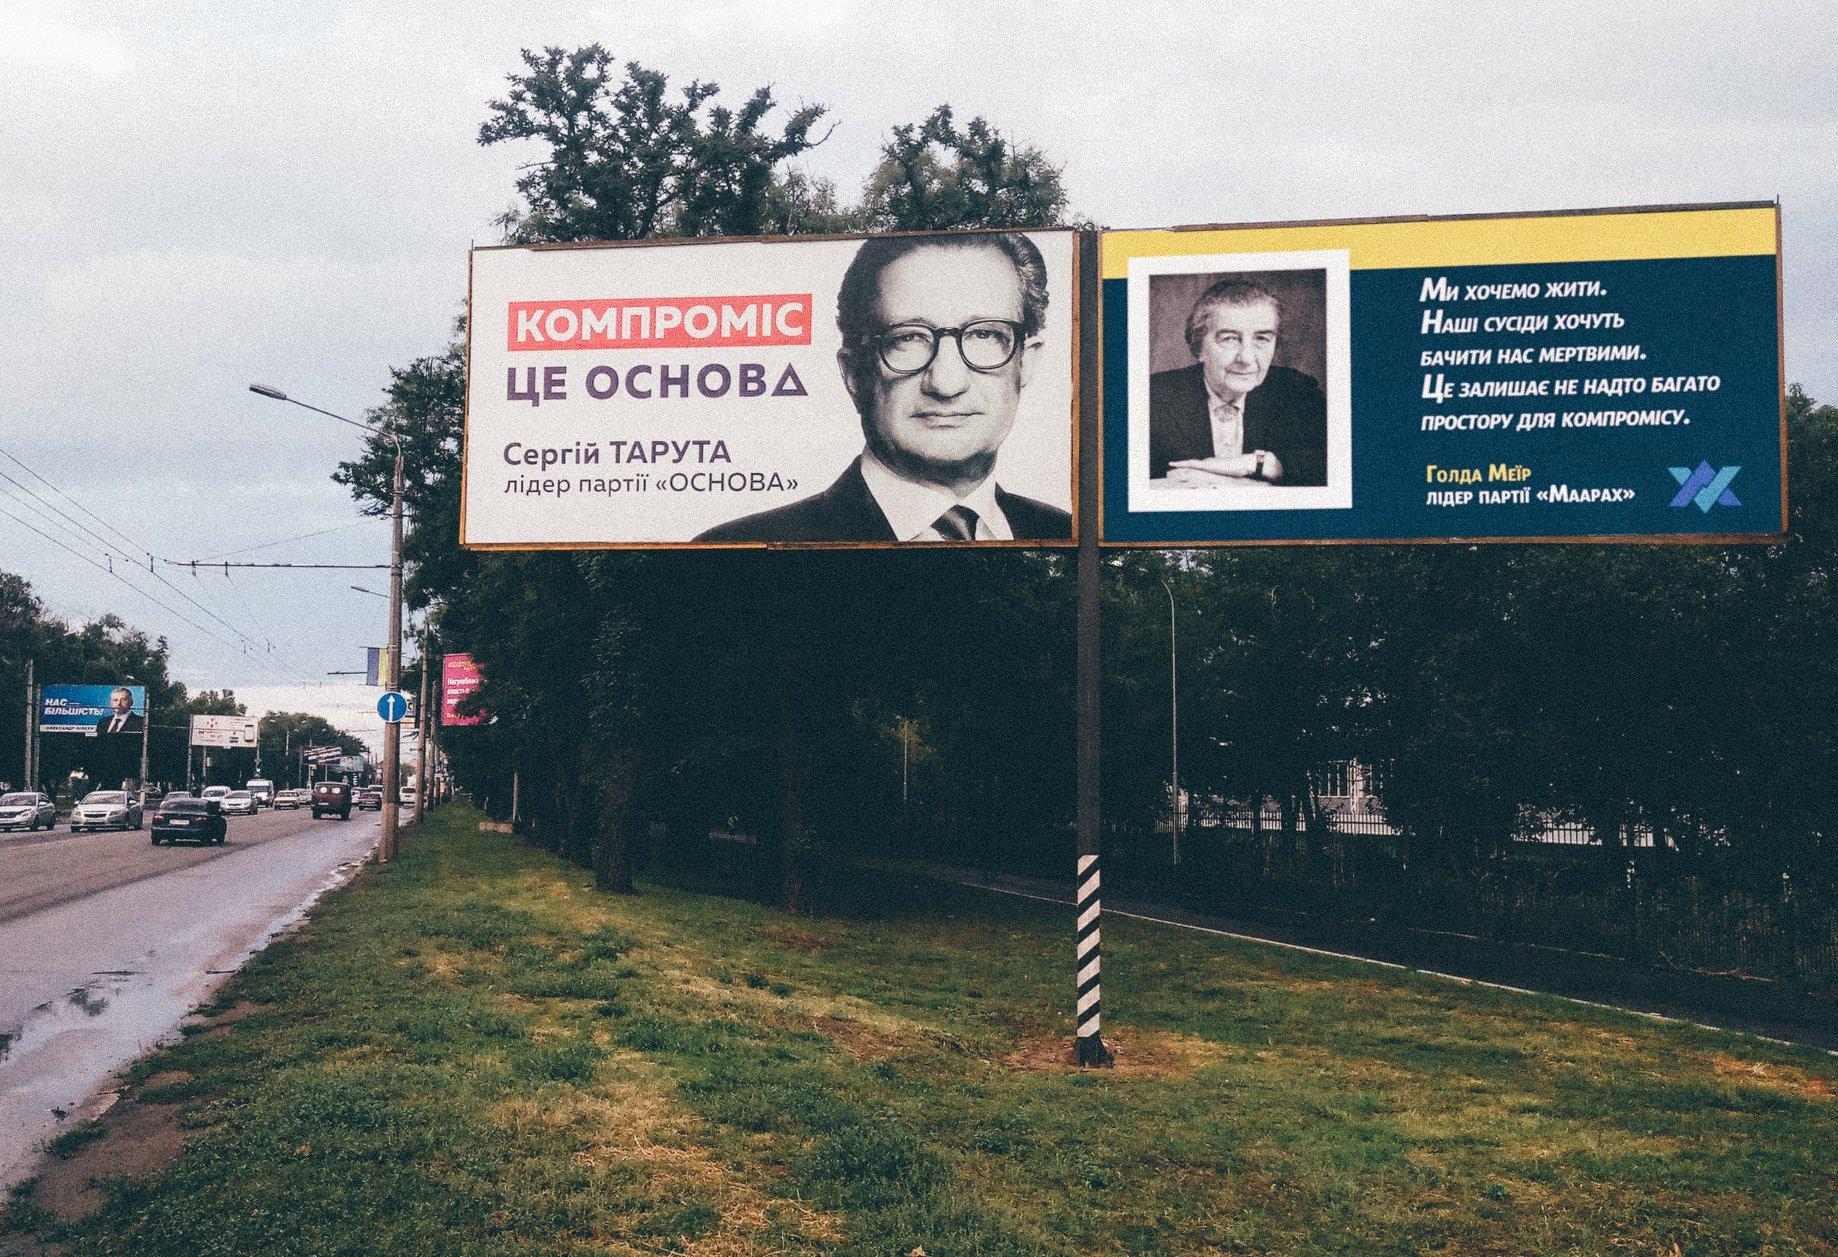 Для припинення дії договору про дружбу з РФ необхідно рішення Ради, - Клімкін - Цензор.НЕТ 629